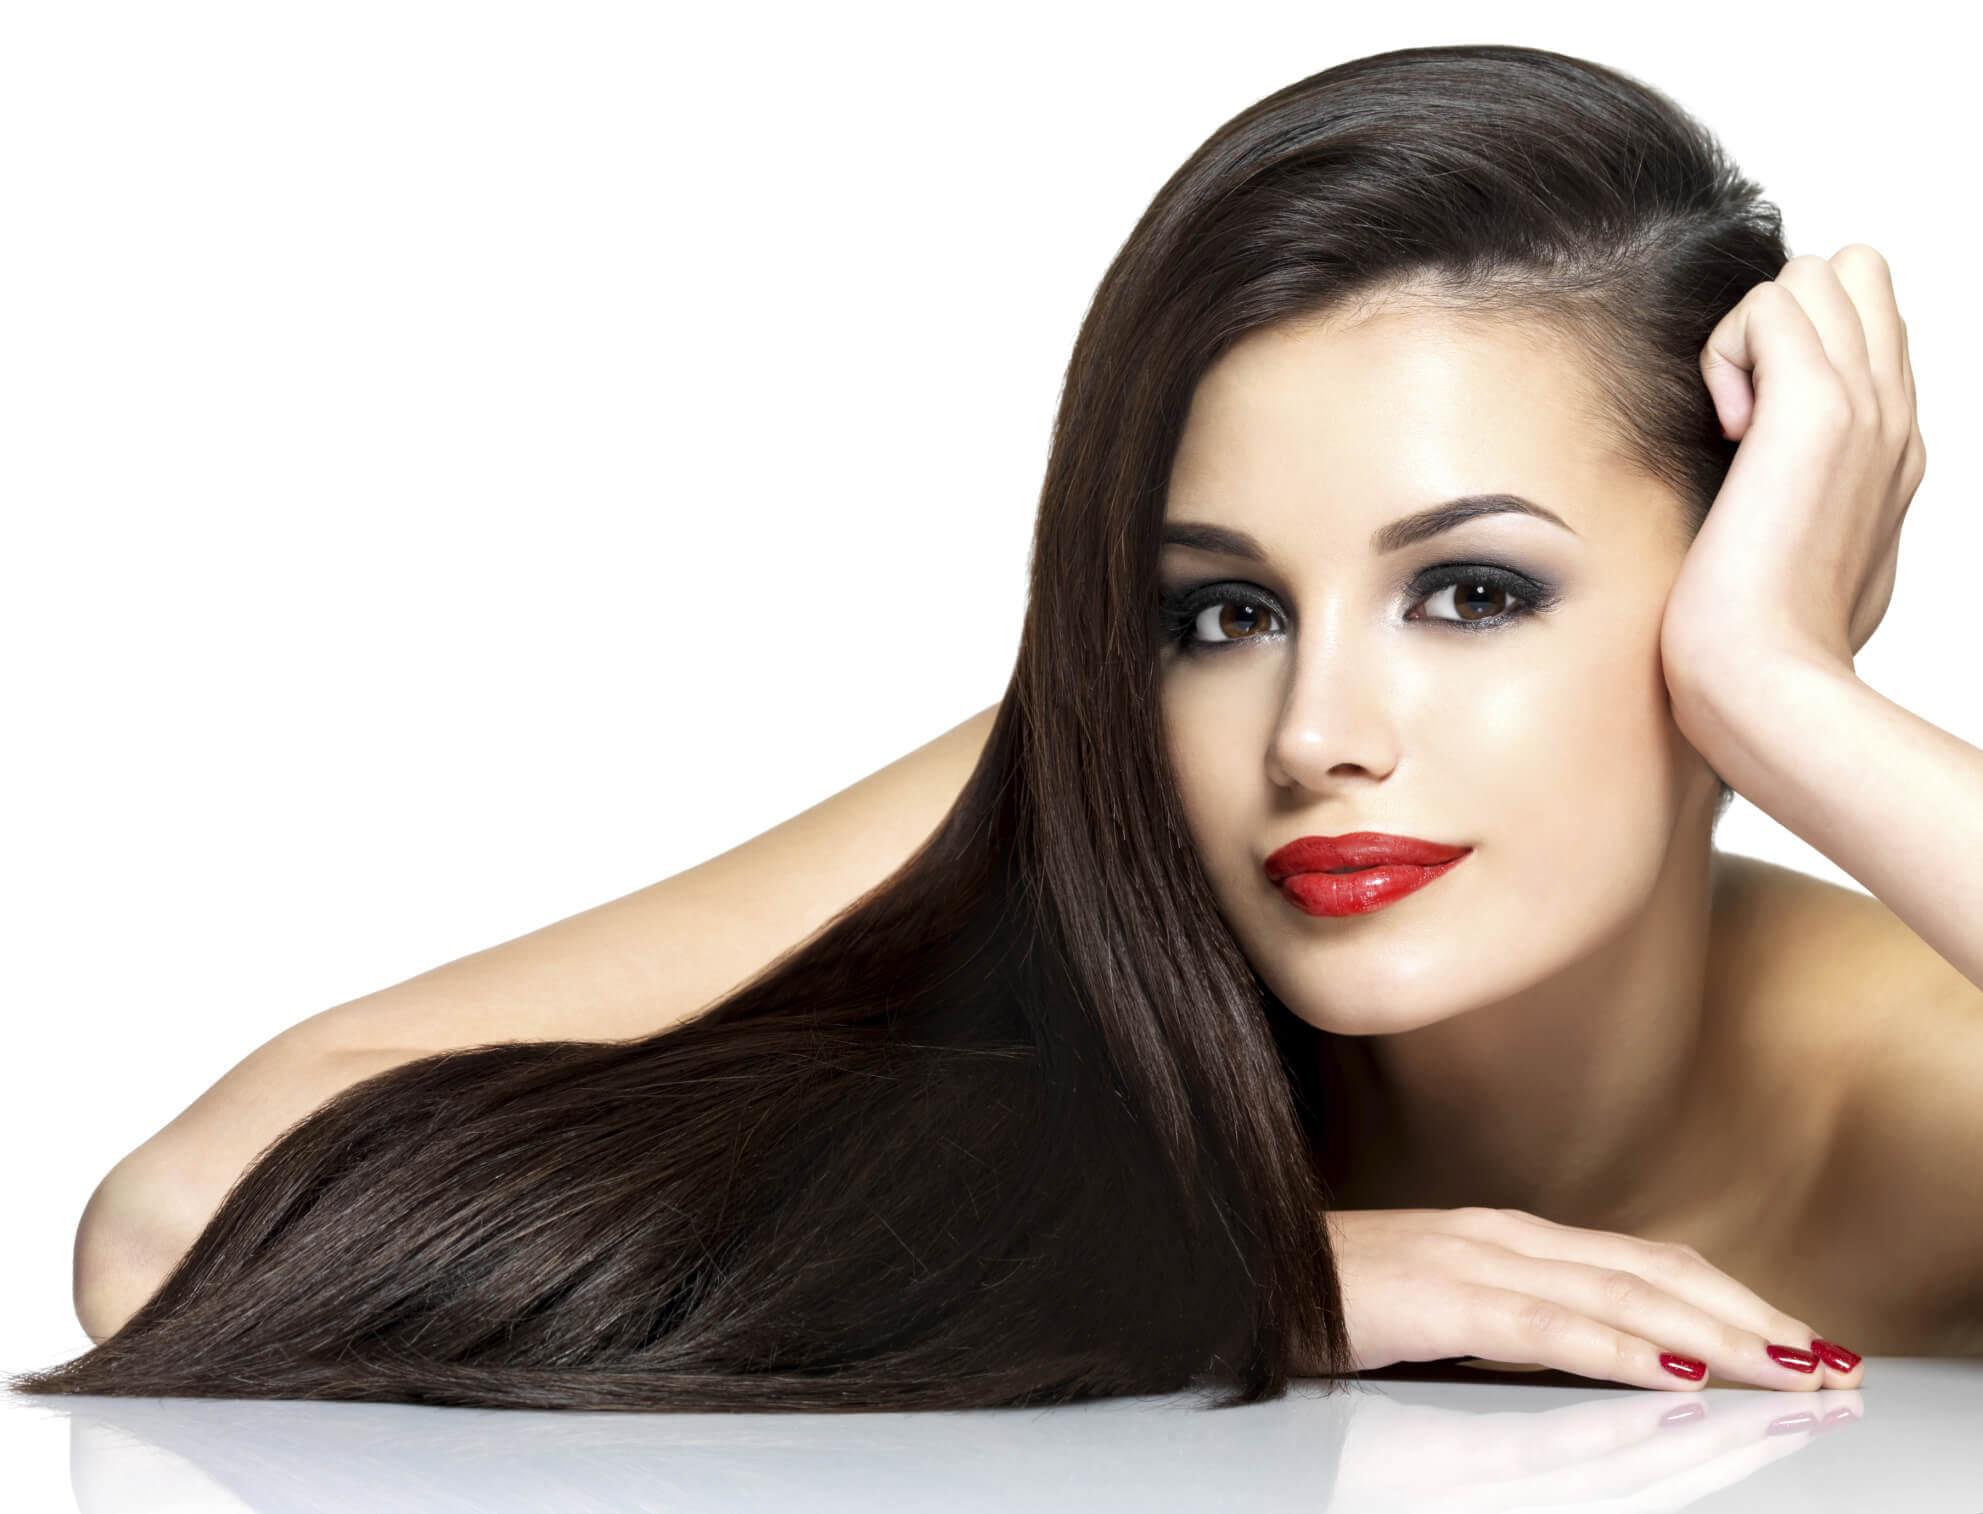 como hacer para que el cabello crezca rapido